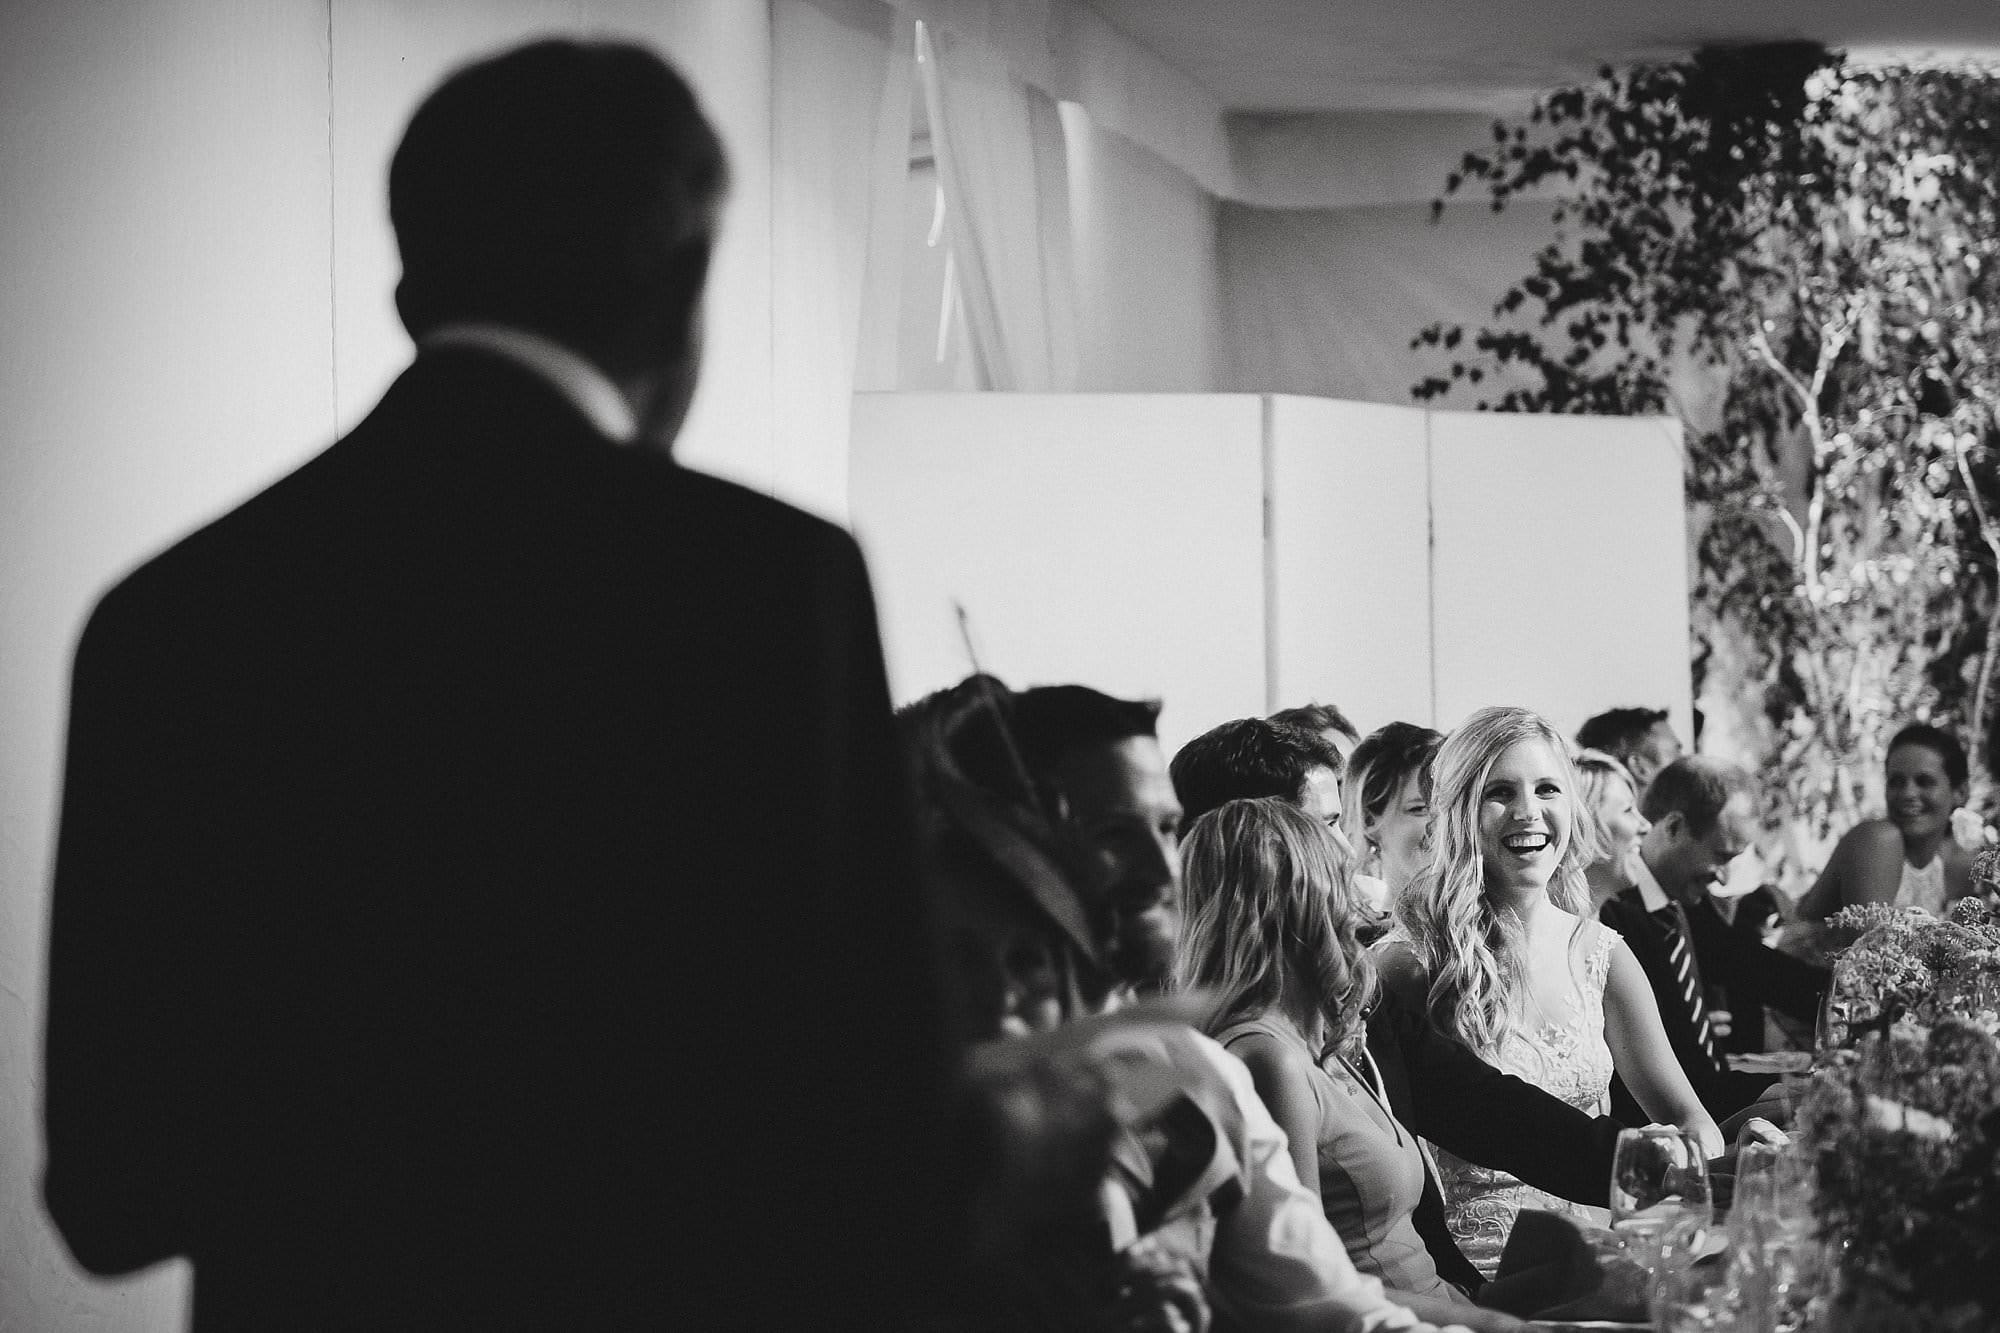 fulham palace wedding photographer 074 - Rosanna + Duncan | Fulham